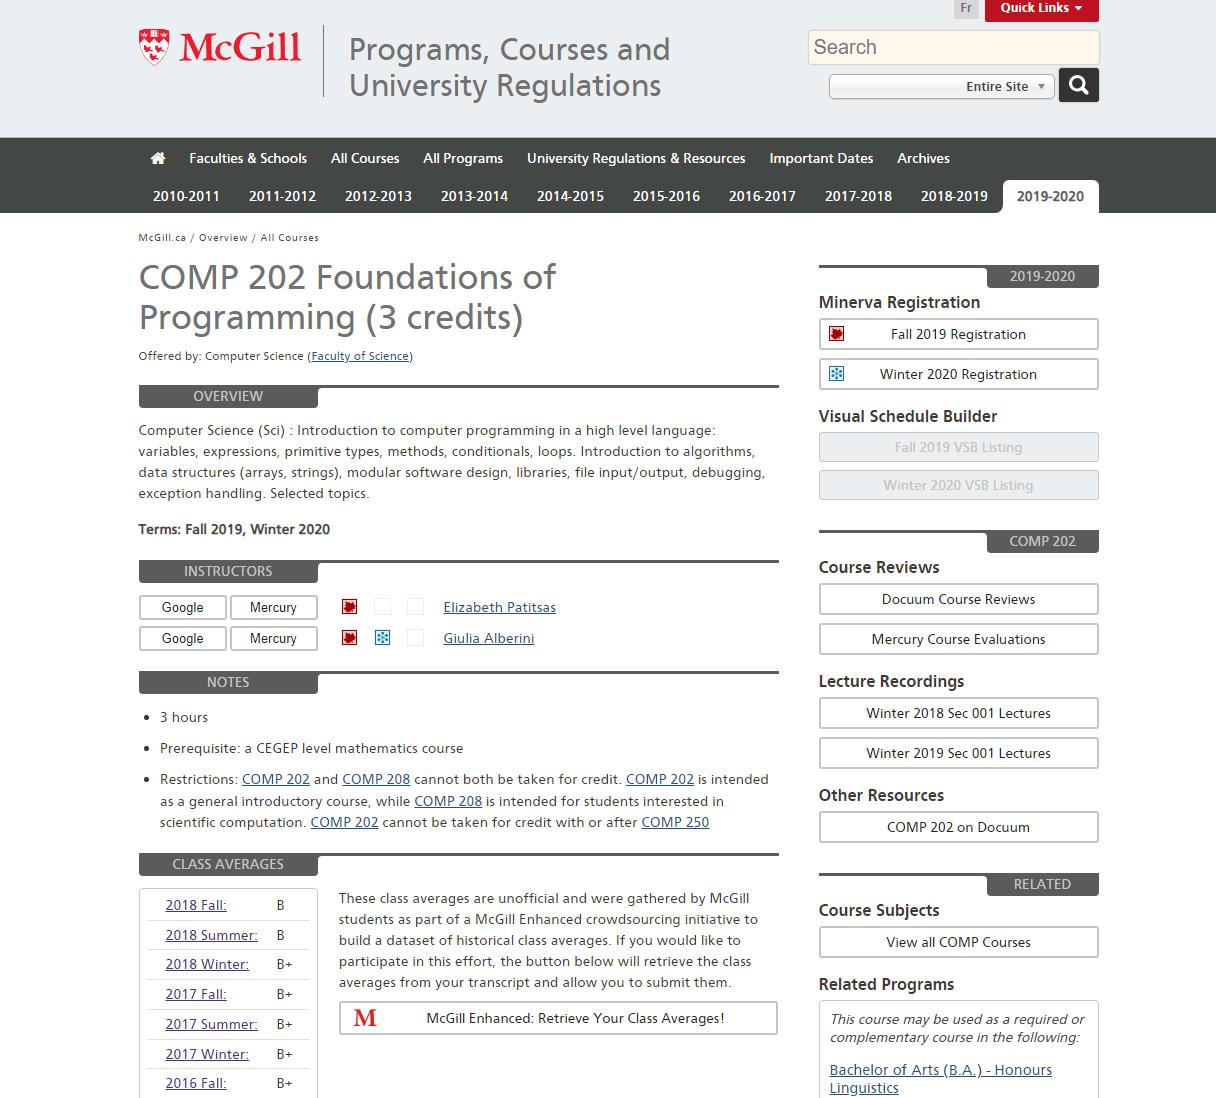 2019 2020 Courses Available On The Ecalendar : Mcgill Mcgill E Calendar 2019